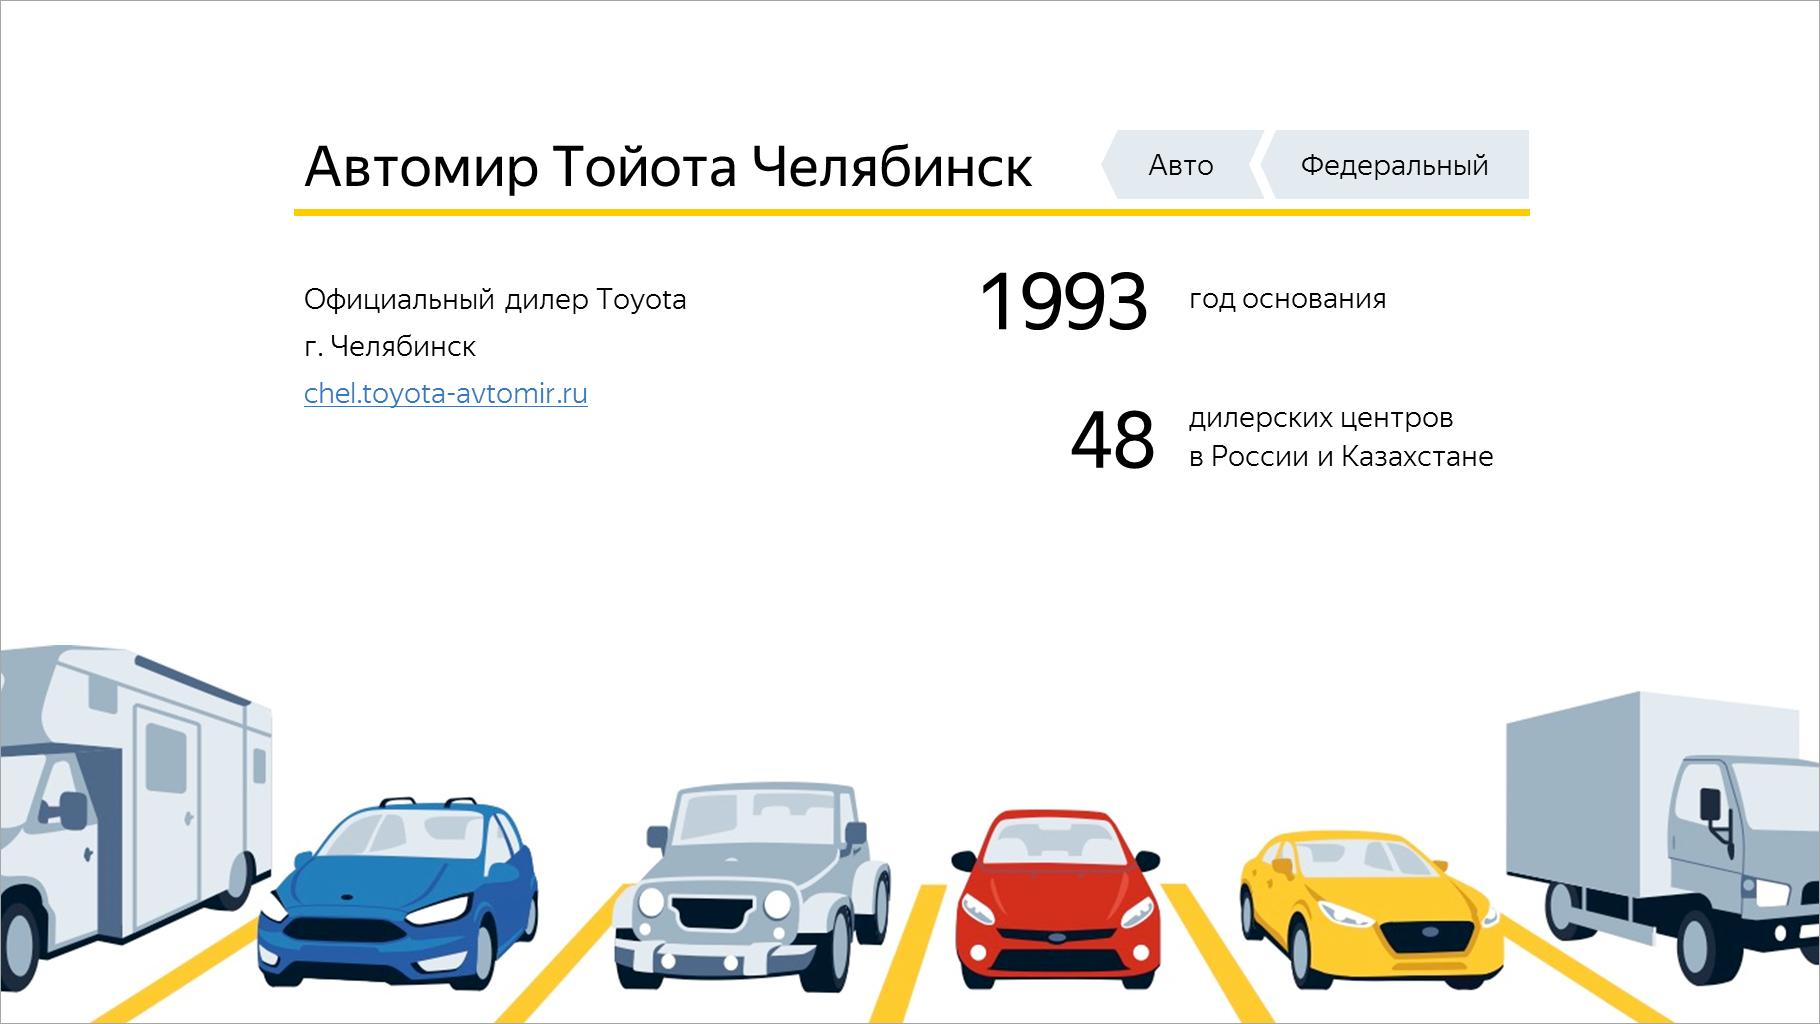 Автомир Тойота Челябинск: Официальный дилер Toyota